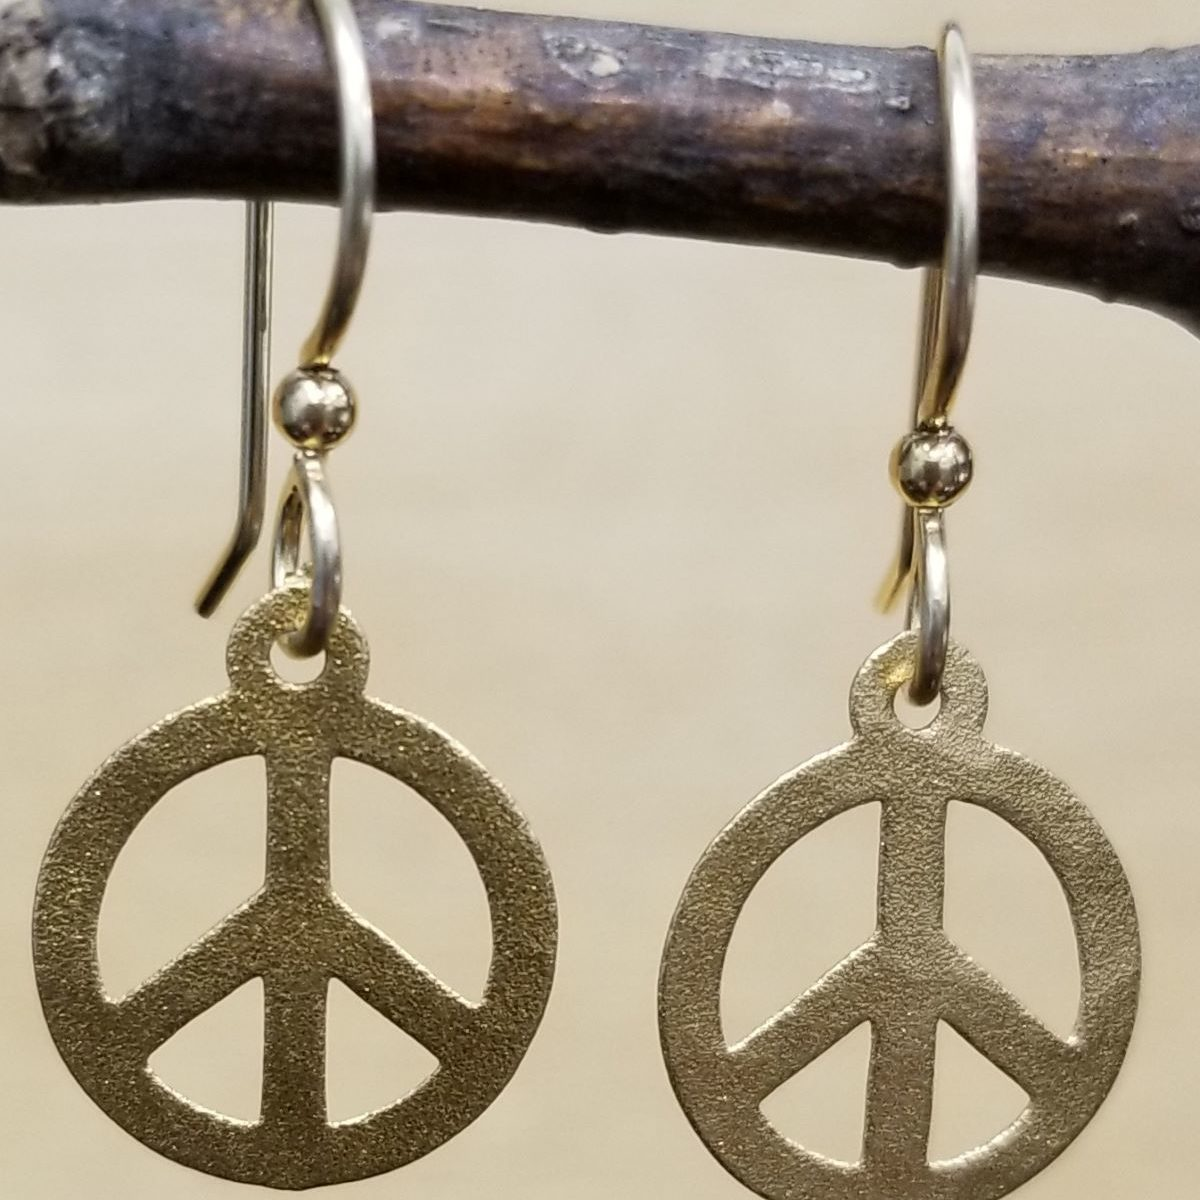 petite peace sign earrings by Joseph Brinton